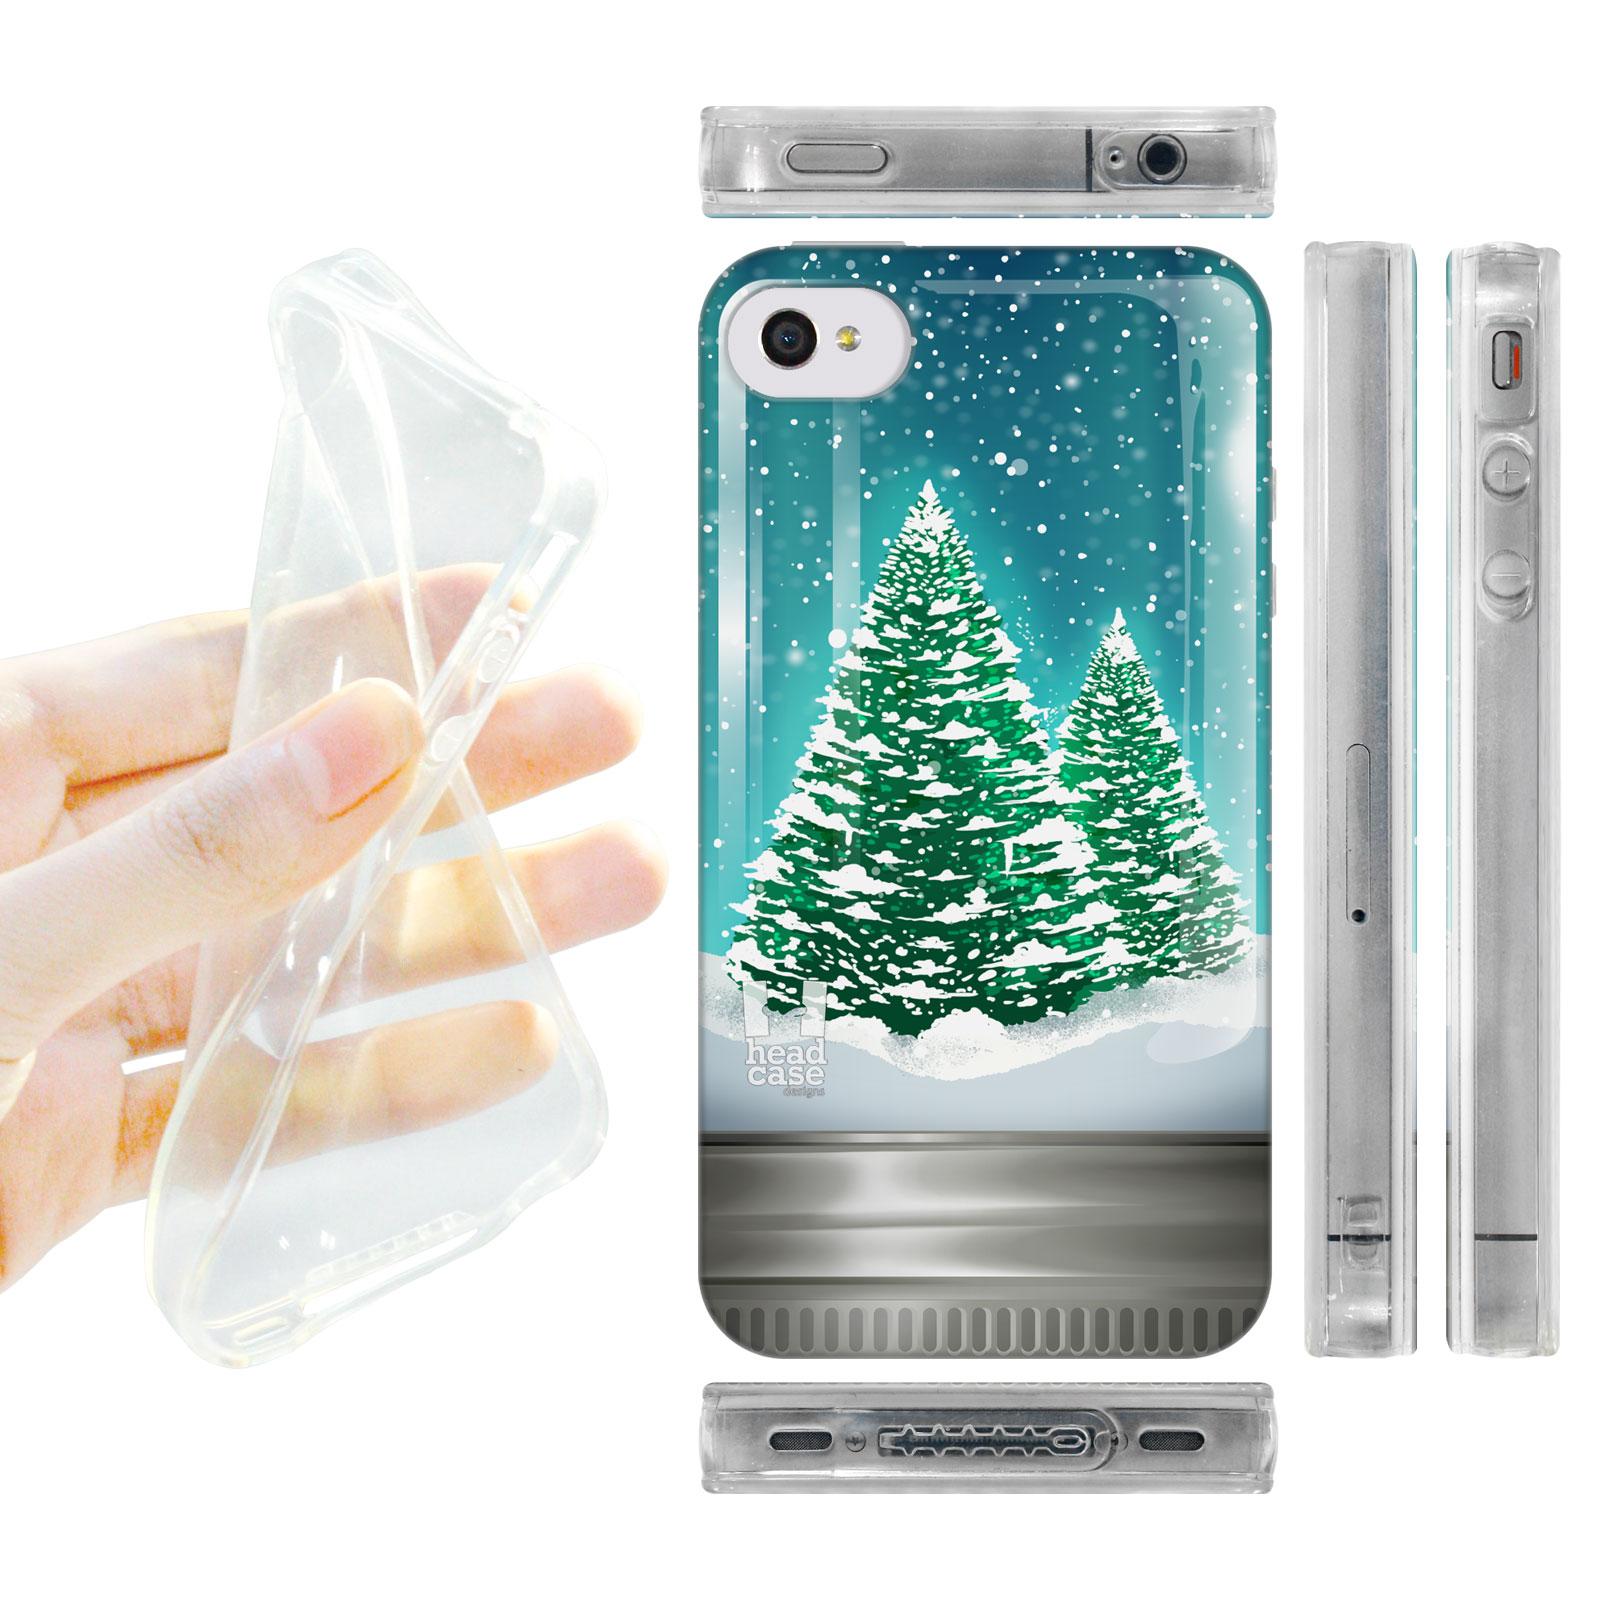 HEAD CASE silikonový obal na mobil Iphone 4/4S vánoční koule stromeček zelená barva